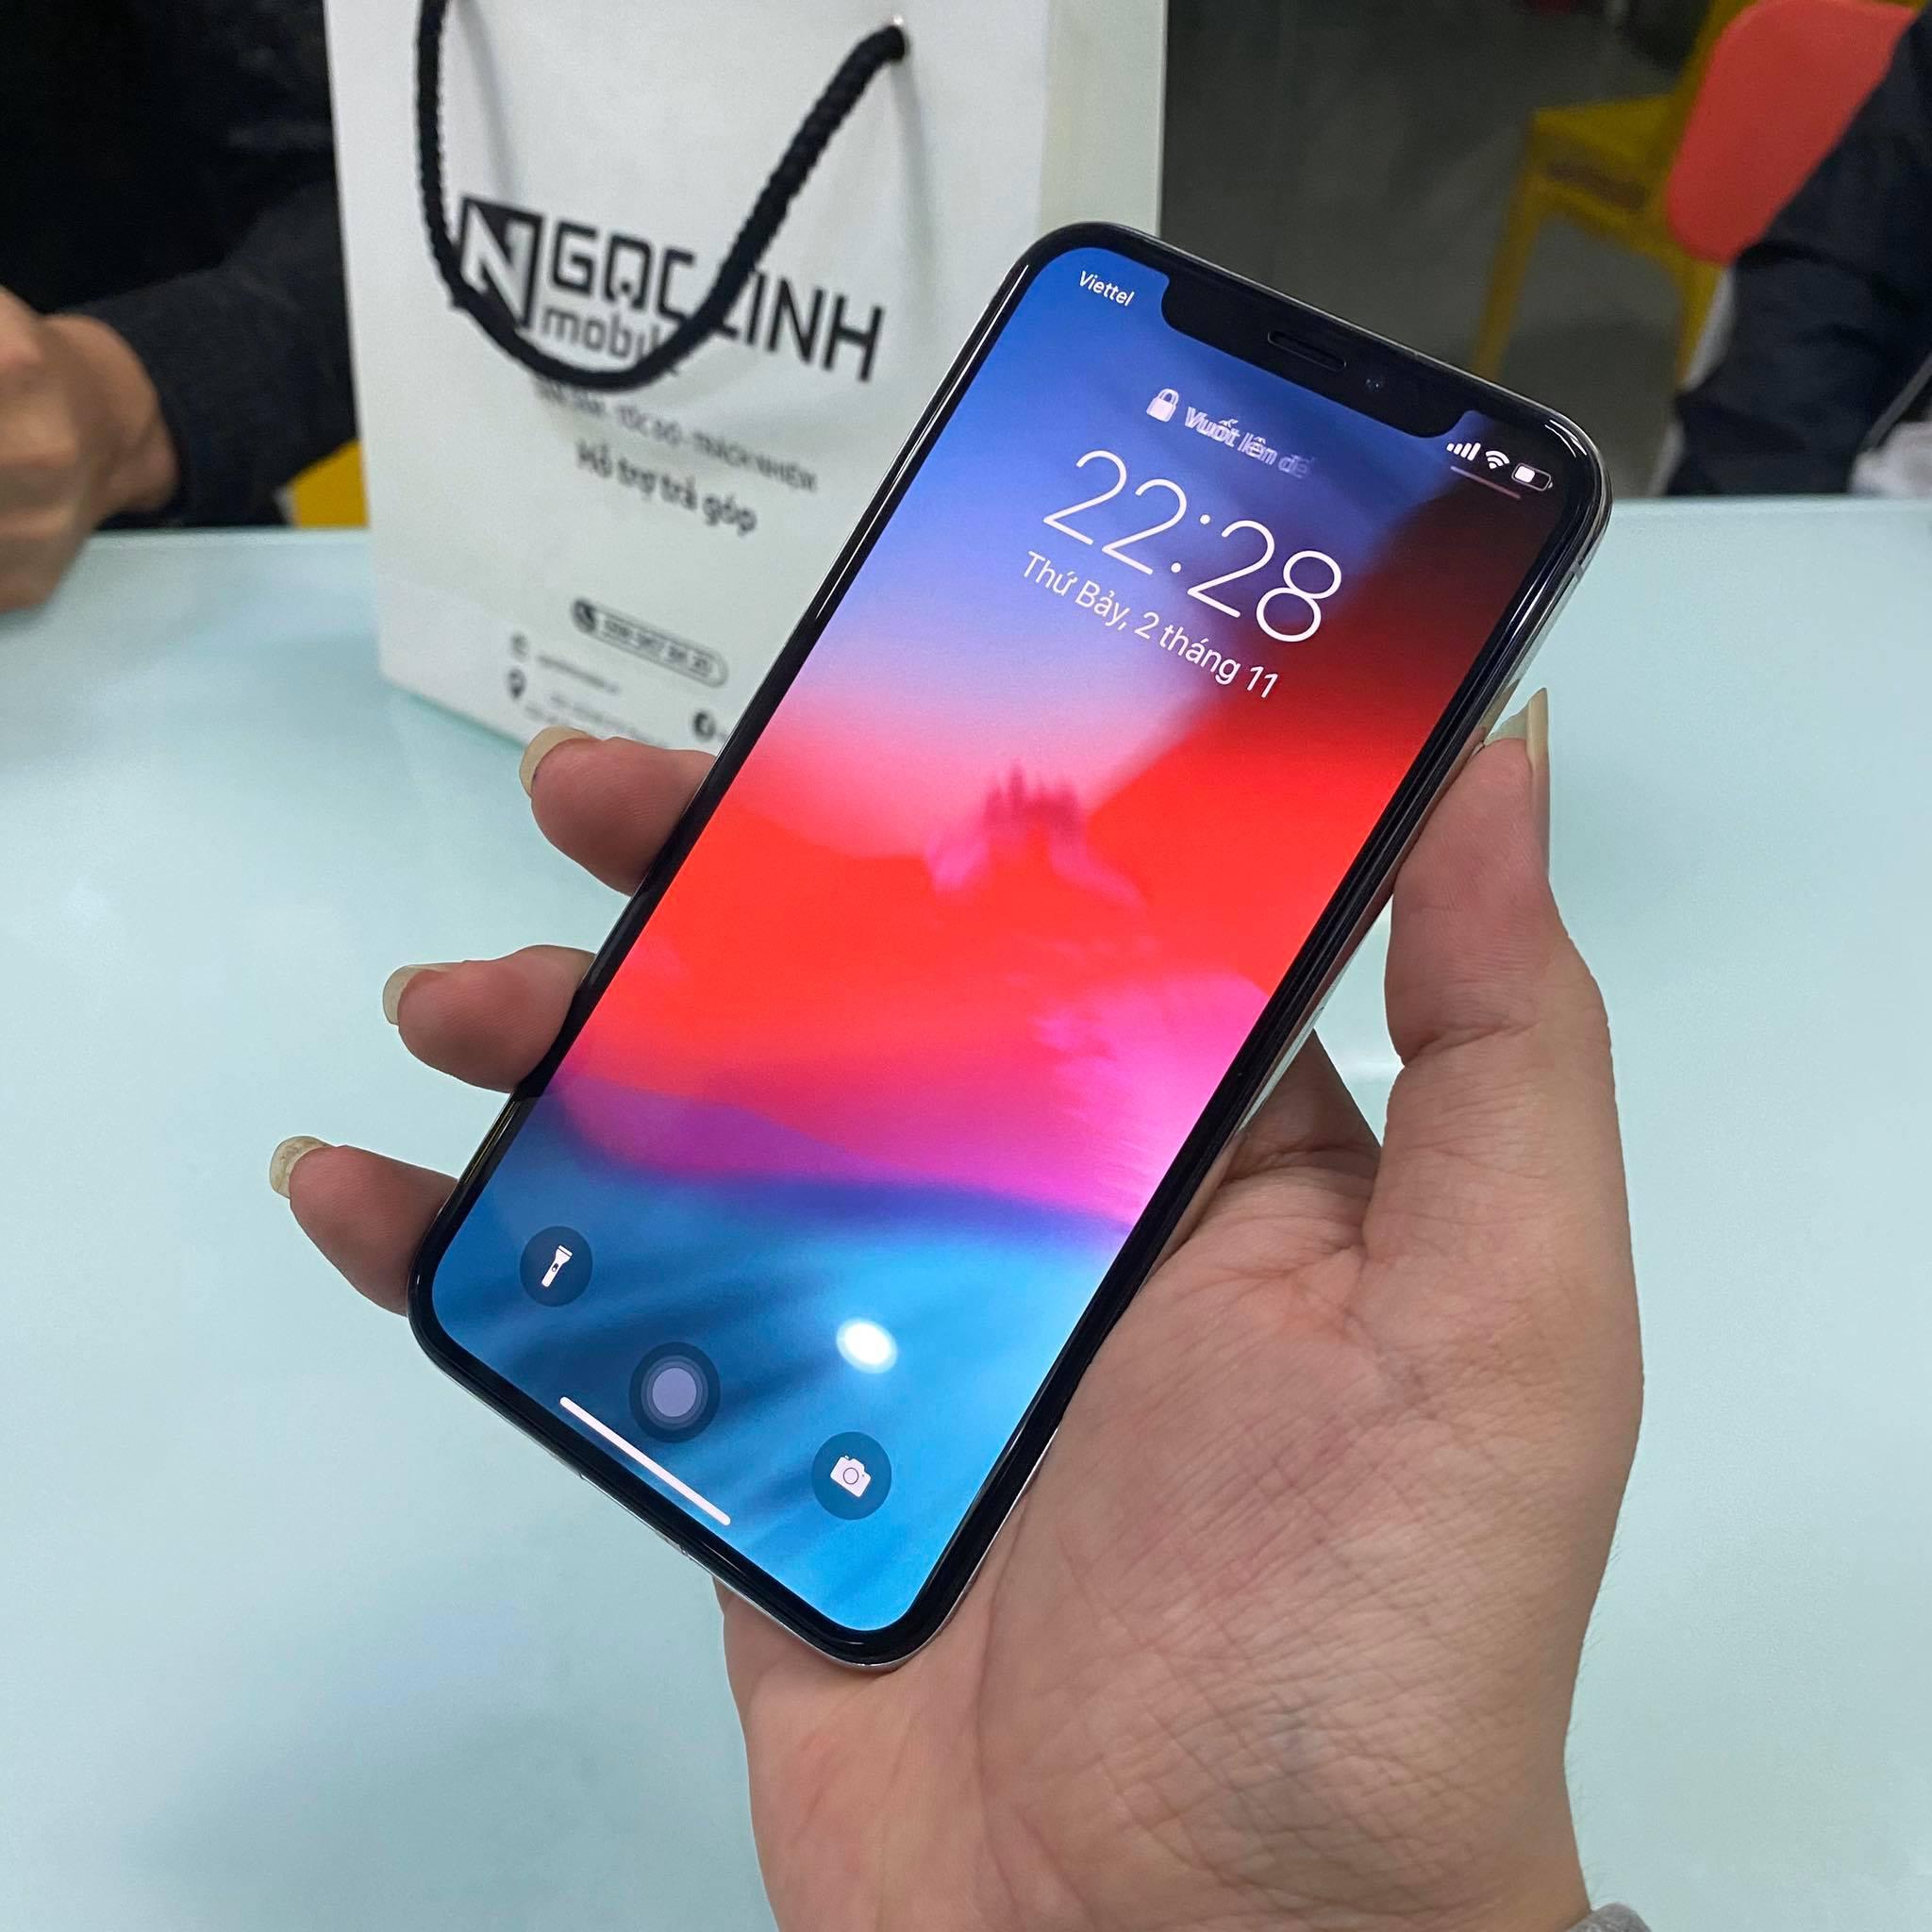 iPhone X iPhone X - iPhone 2019 ra mắt, iPhone X vẫn luôn giữ được độ hot